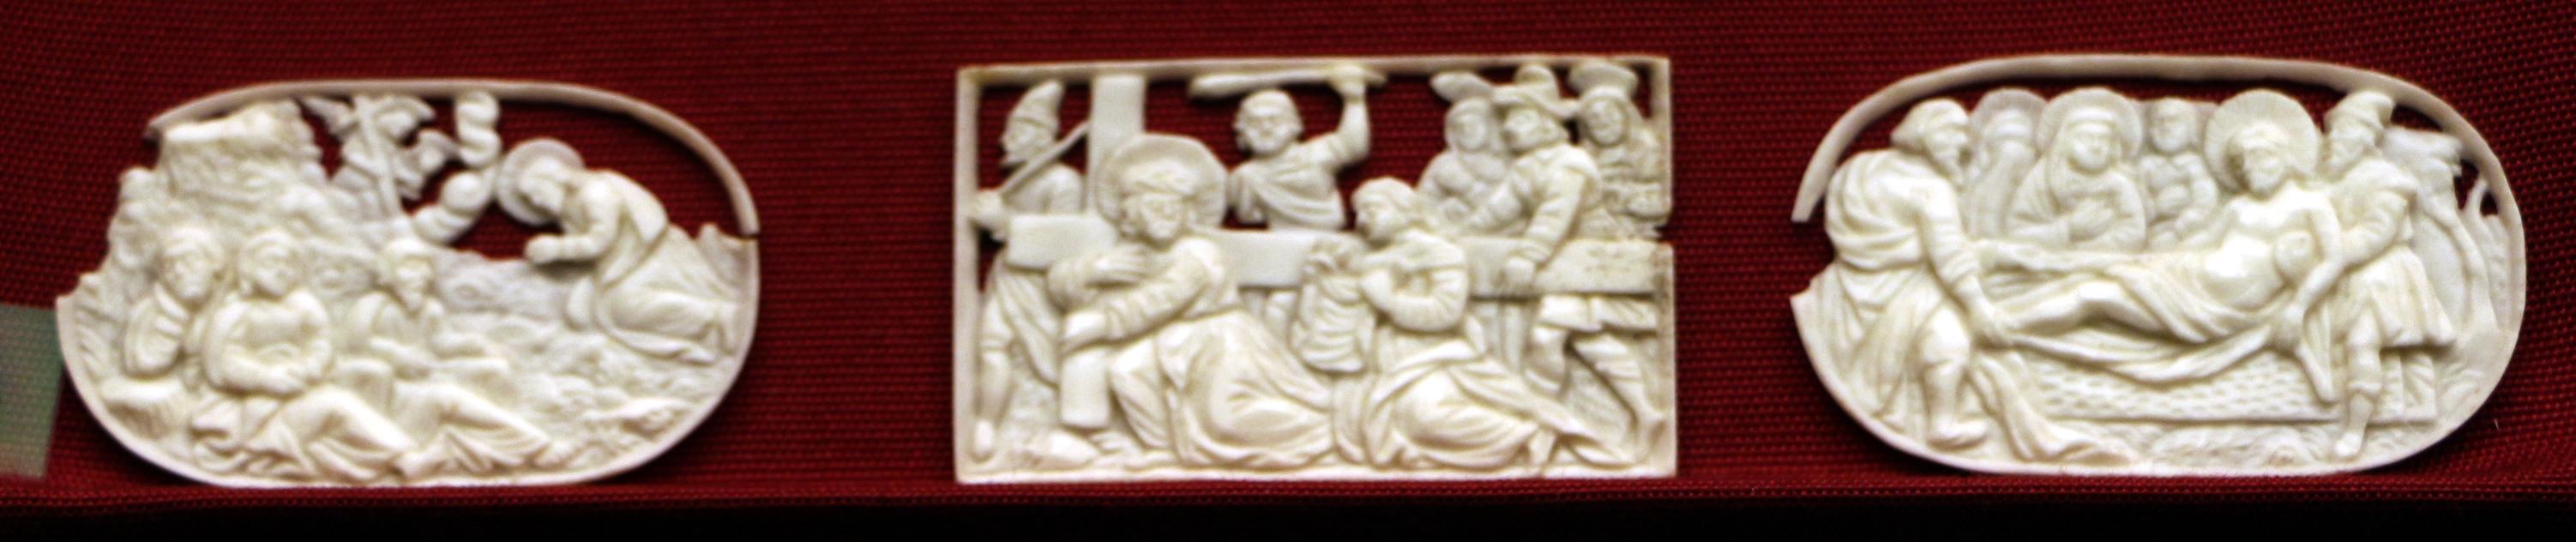 Germania del nord, tre placchette a microintaglio con scene della passione, xvii secolo - Sailko - Ravenna (RA)